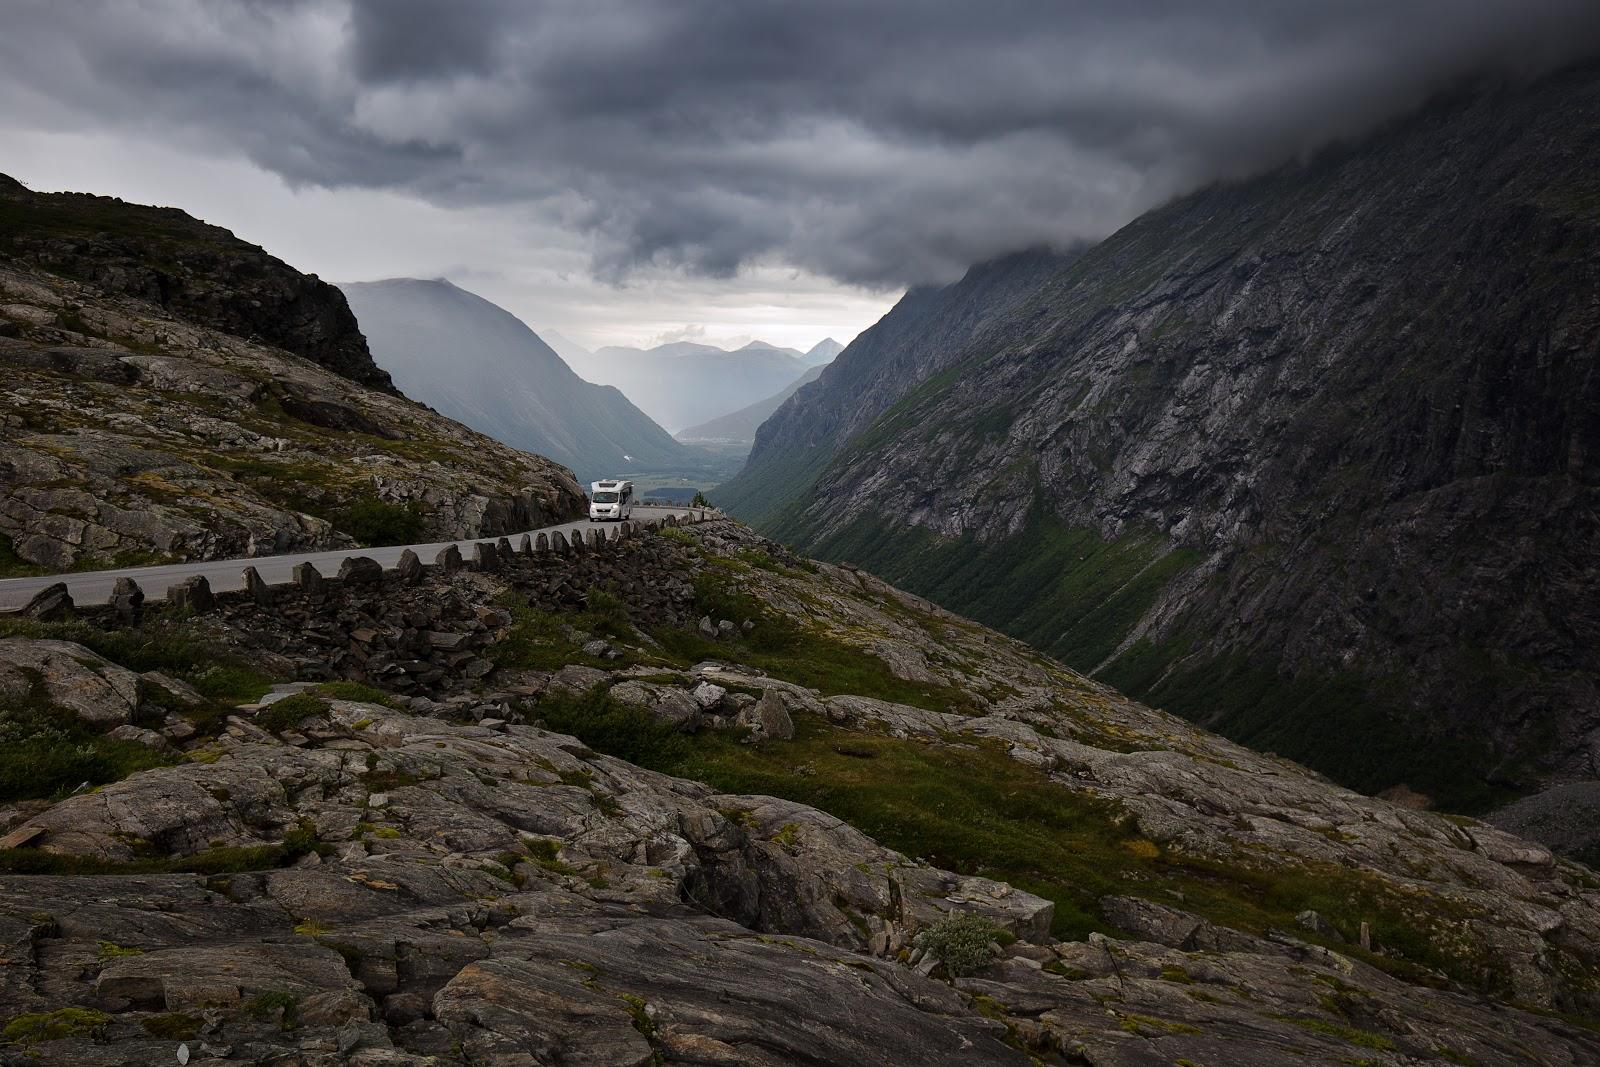 Регион фьордов: соло-автотрип с элементами хайкинга, безумия и отваги (июль-август 2018)